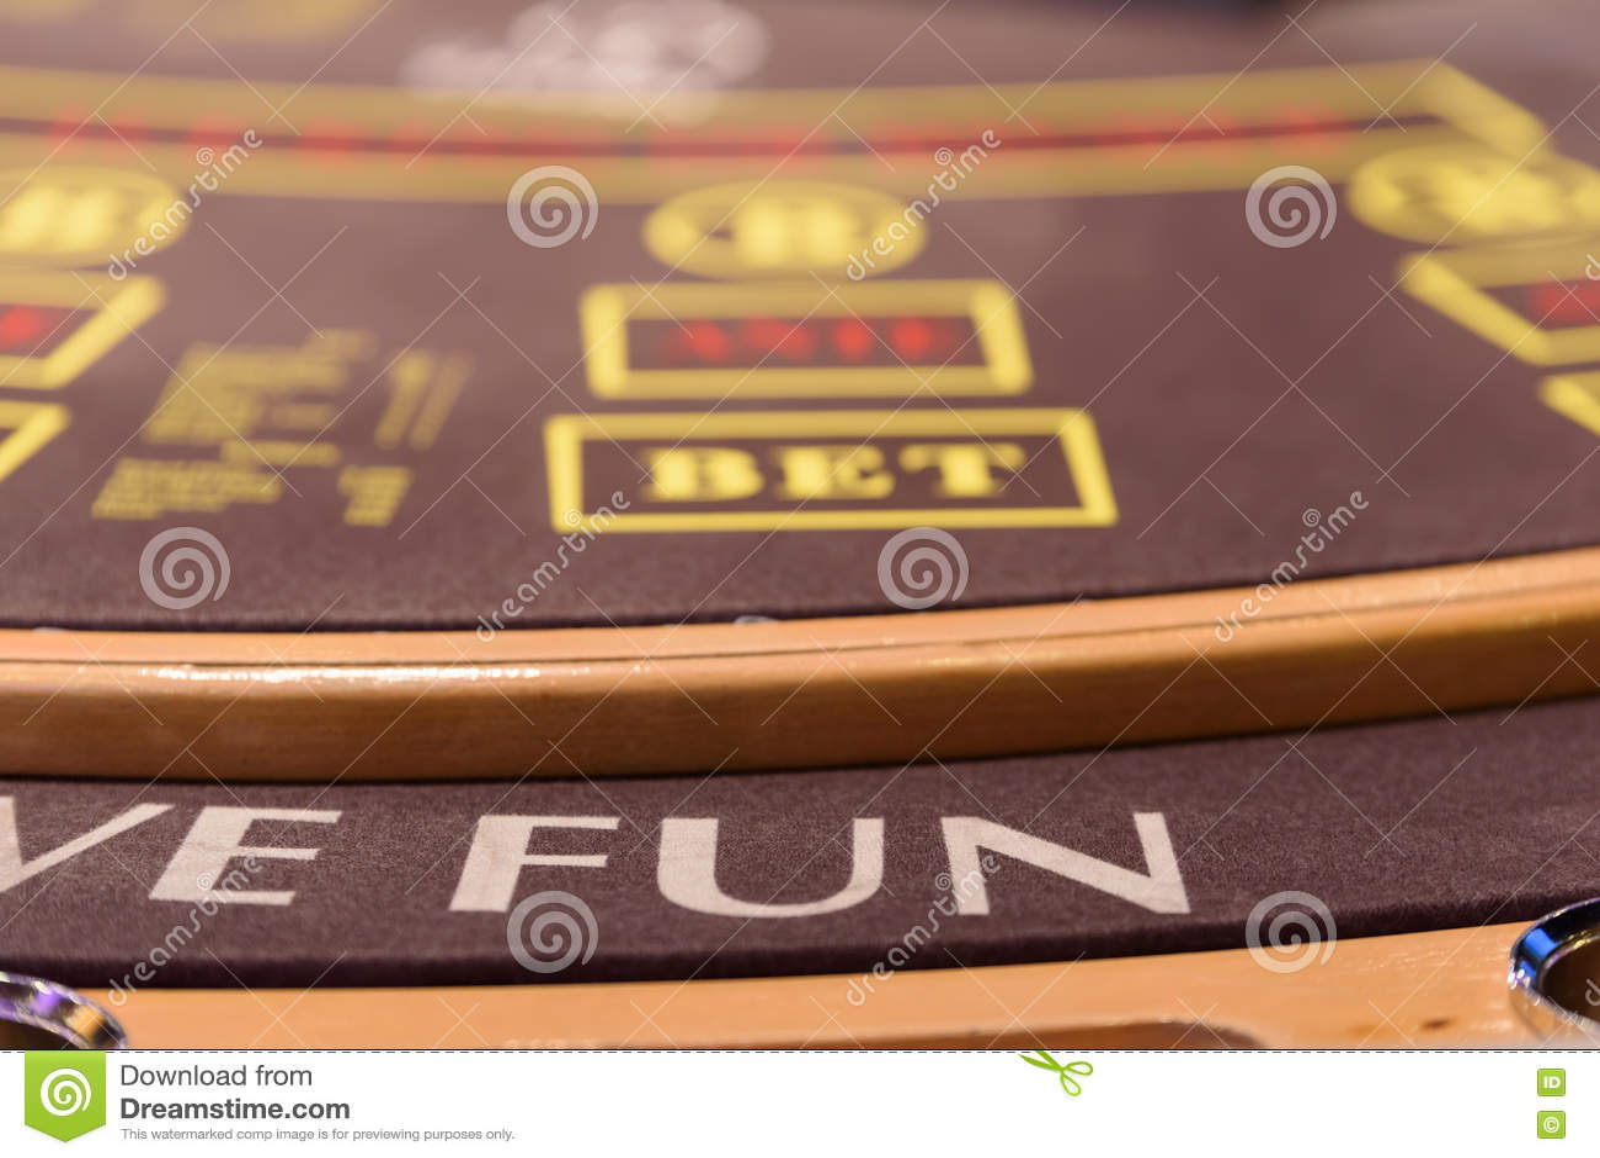 Nahaufnahme des Teils der Pokertabelle